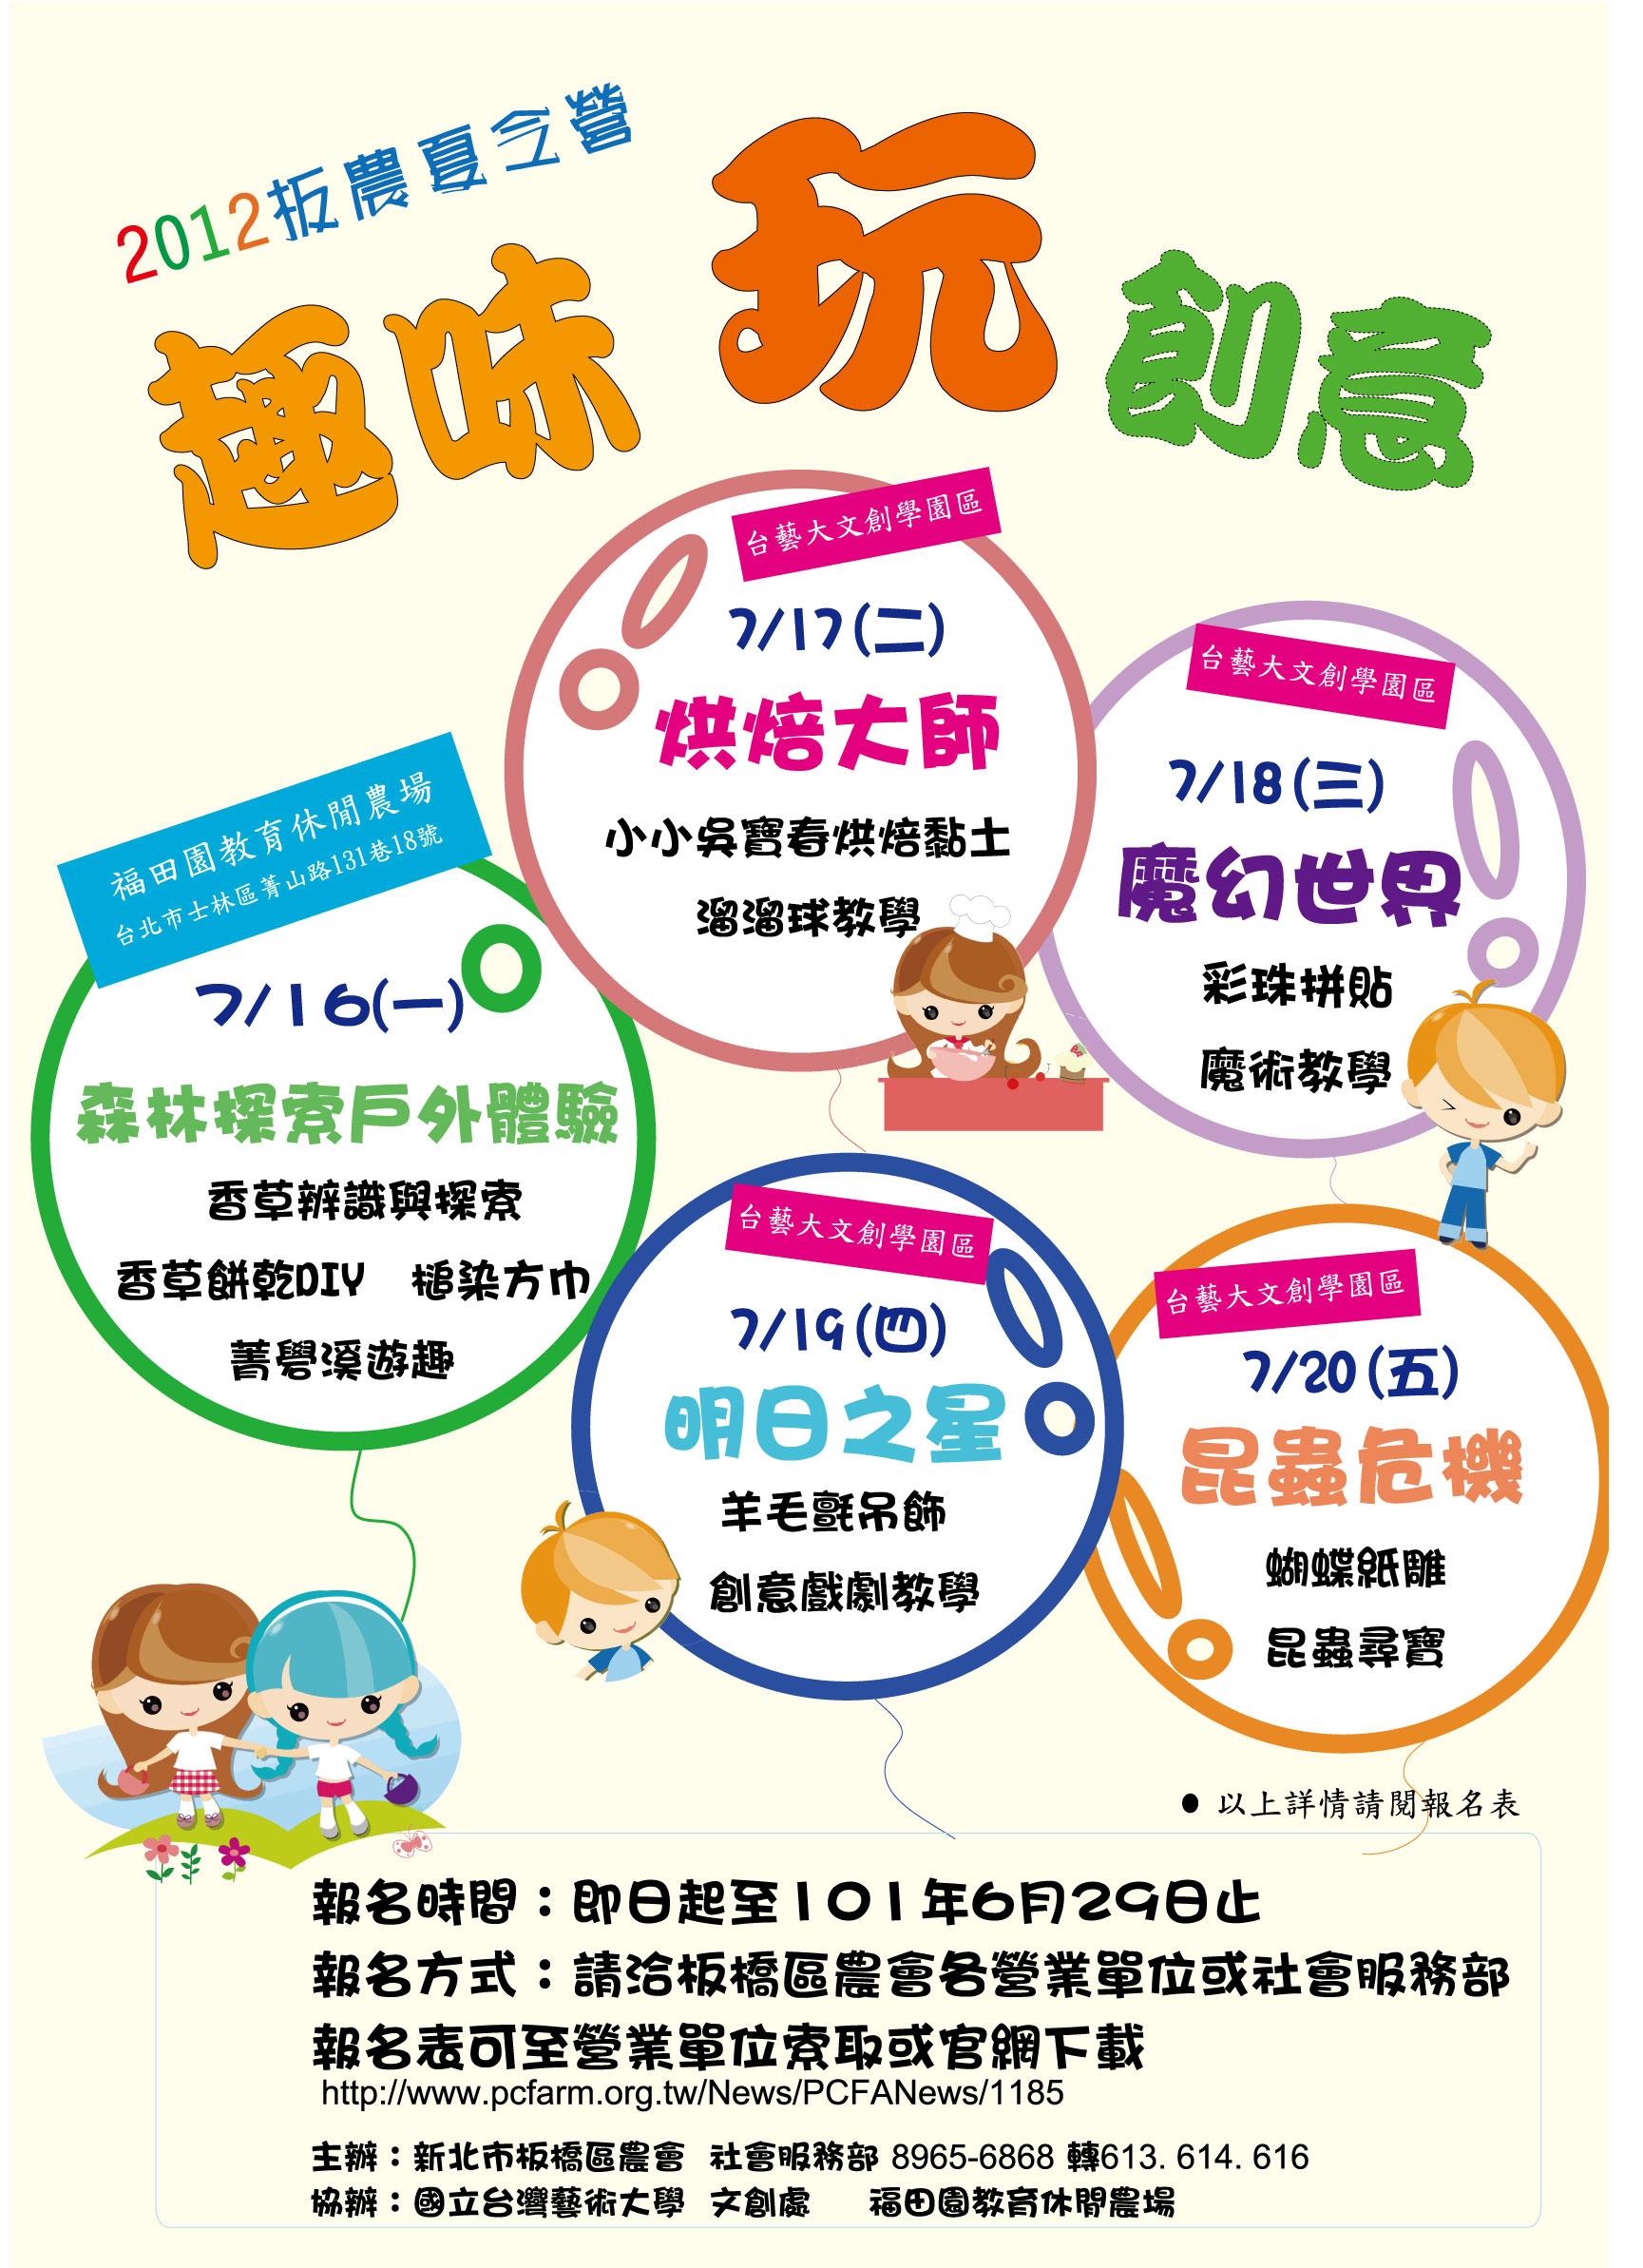 一,活动名称:「板农2012儿童夏令营-趣味玩创意」   二,活动课程